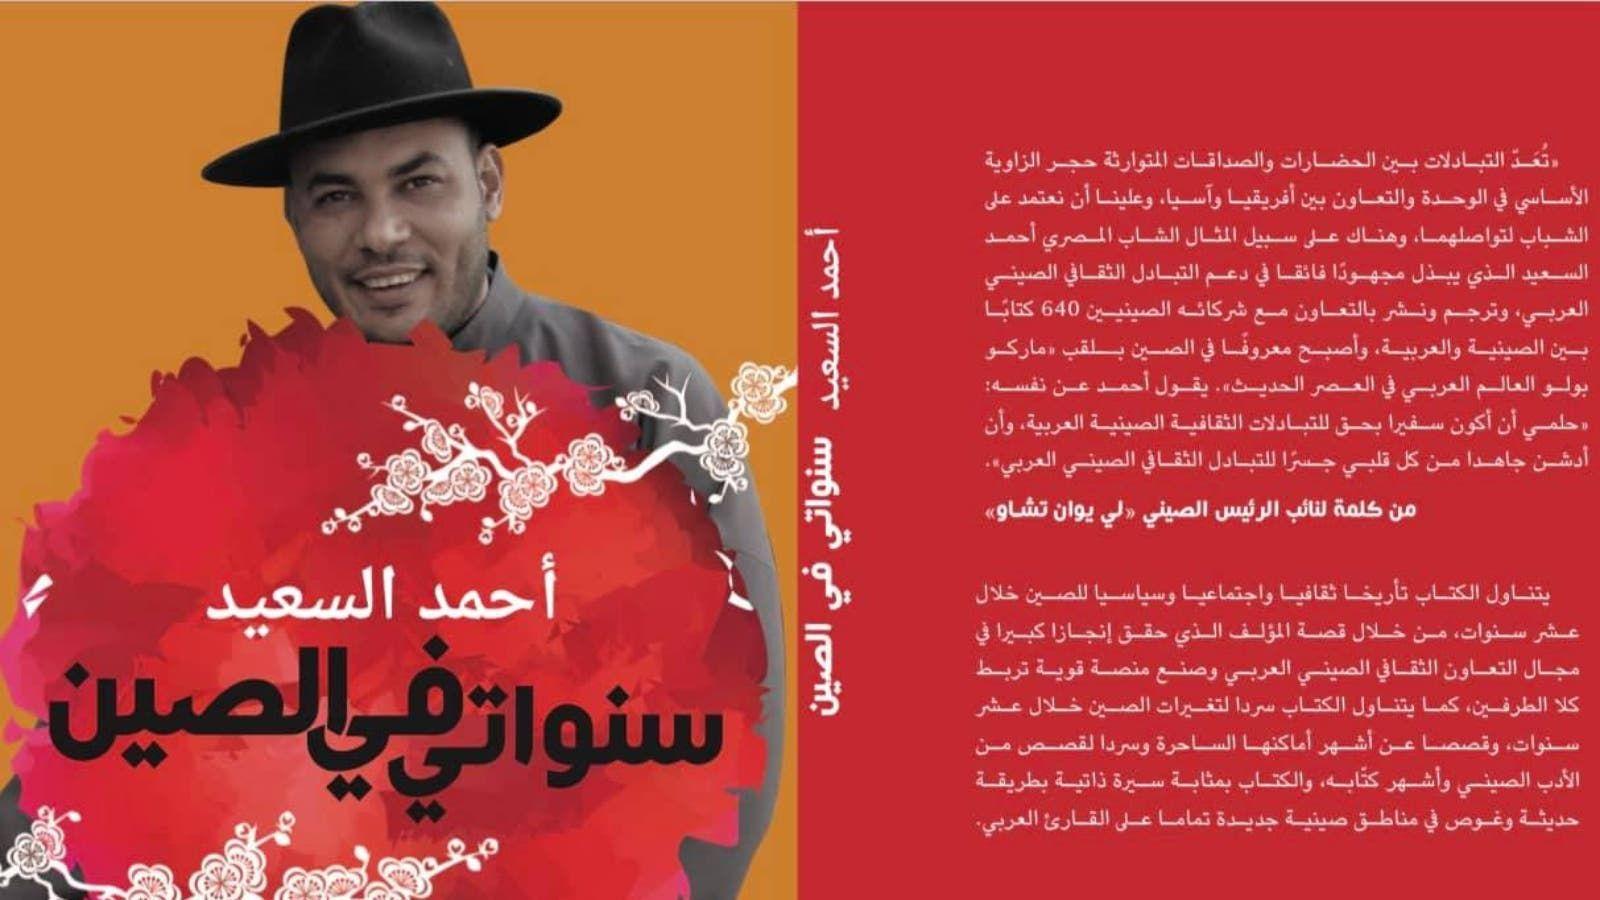 صدر حديثا كتاب سنواتى فى الصين للناشر الدكتور أحمد السعيد Movie Posters Movies